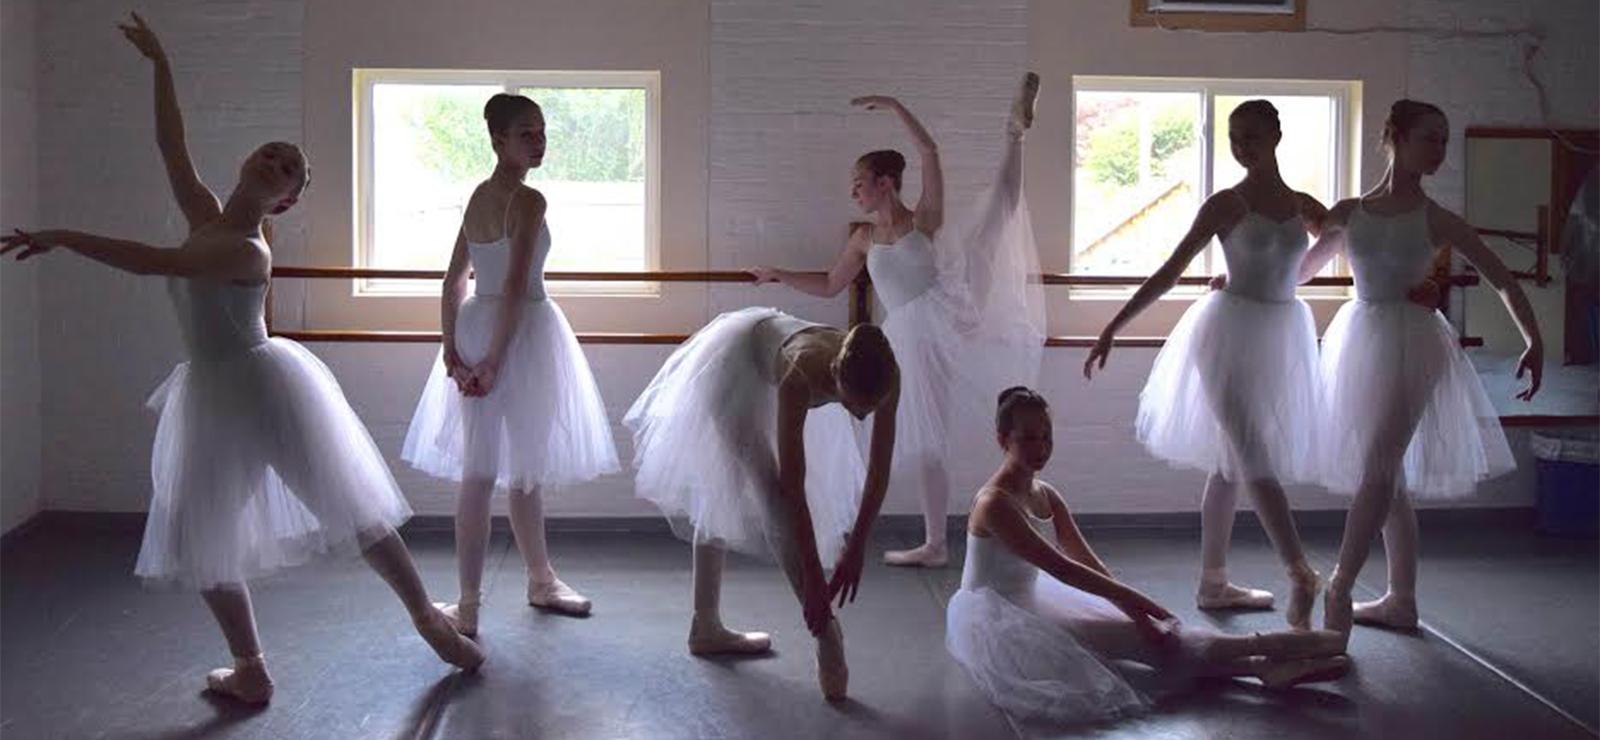 [Saugerties Ballet Center]